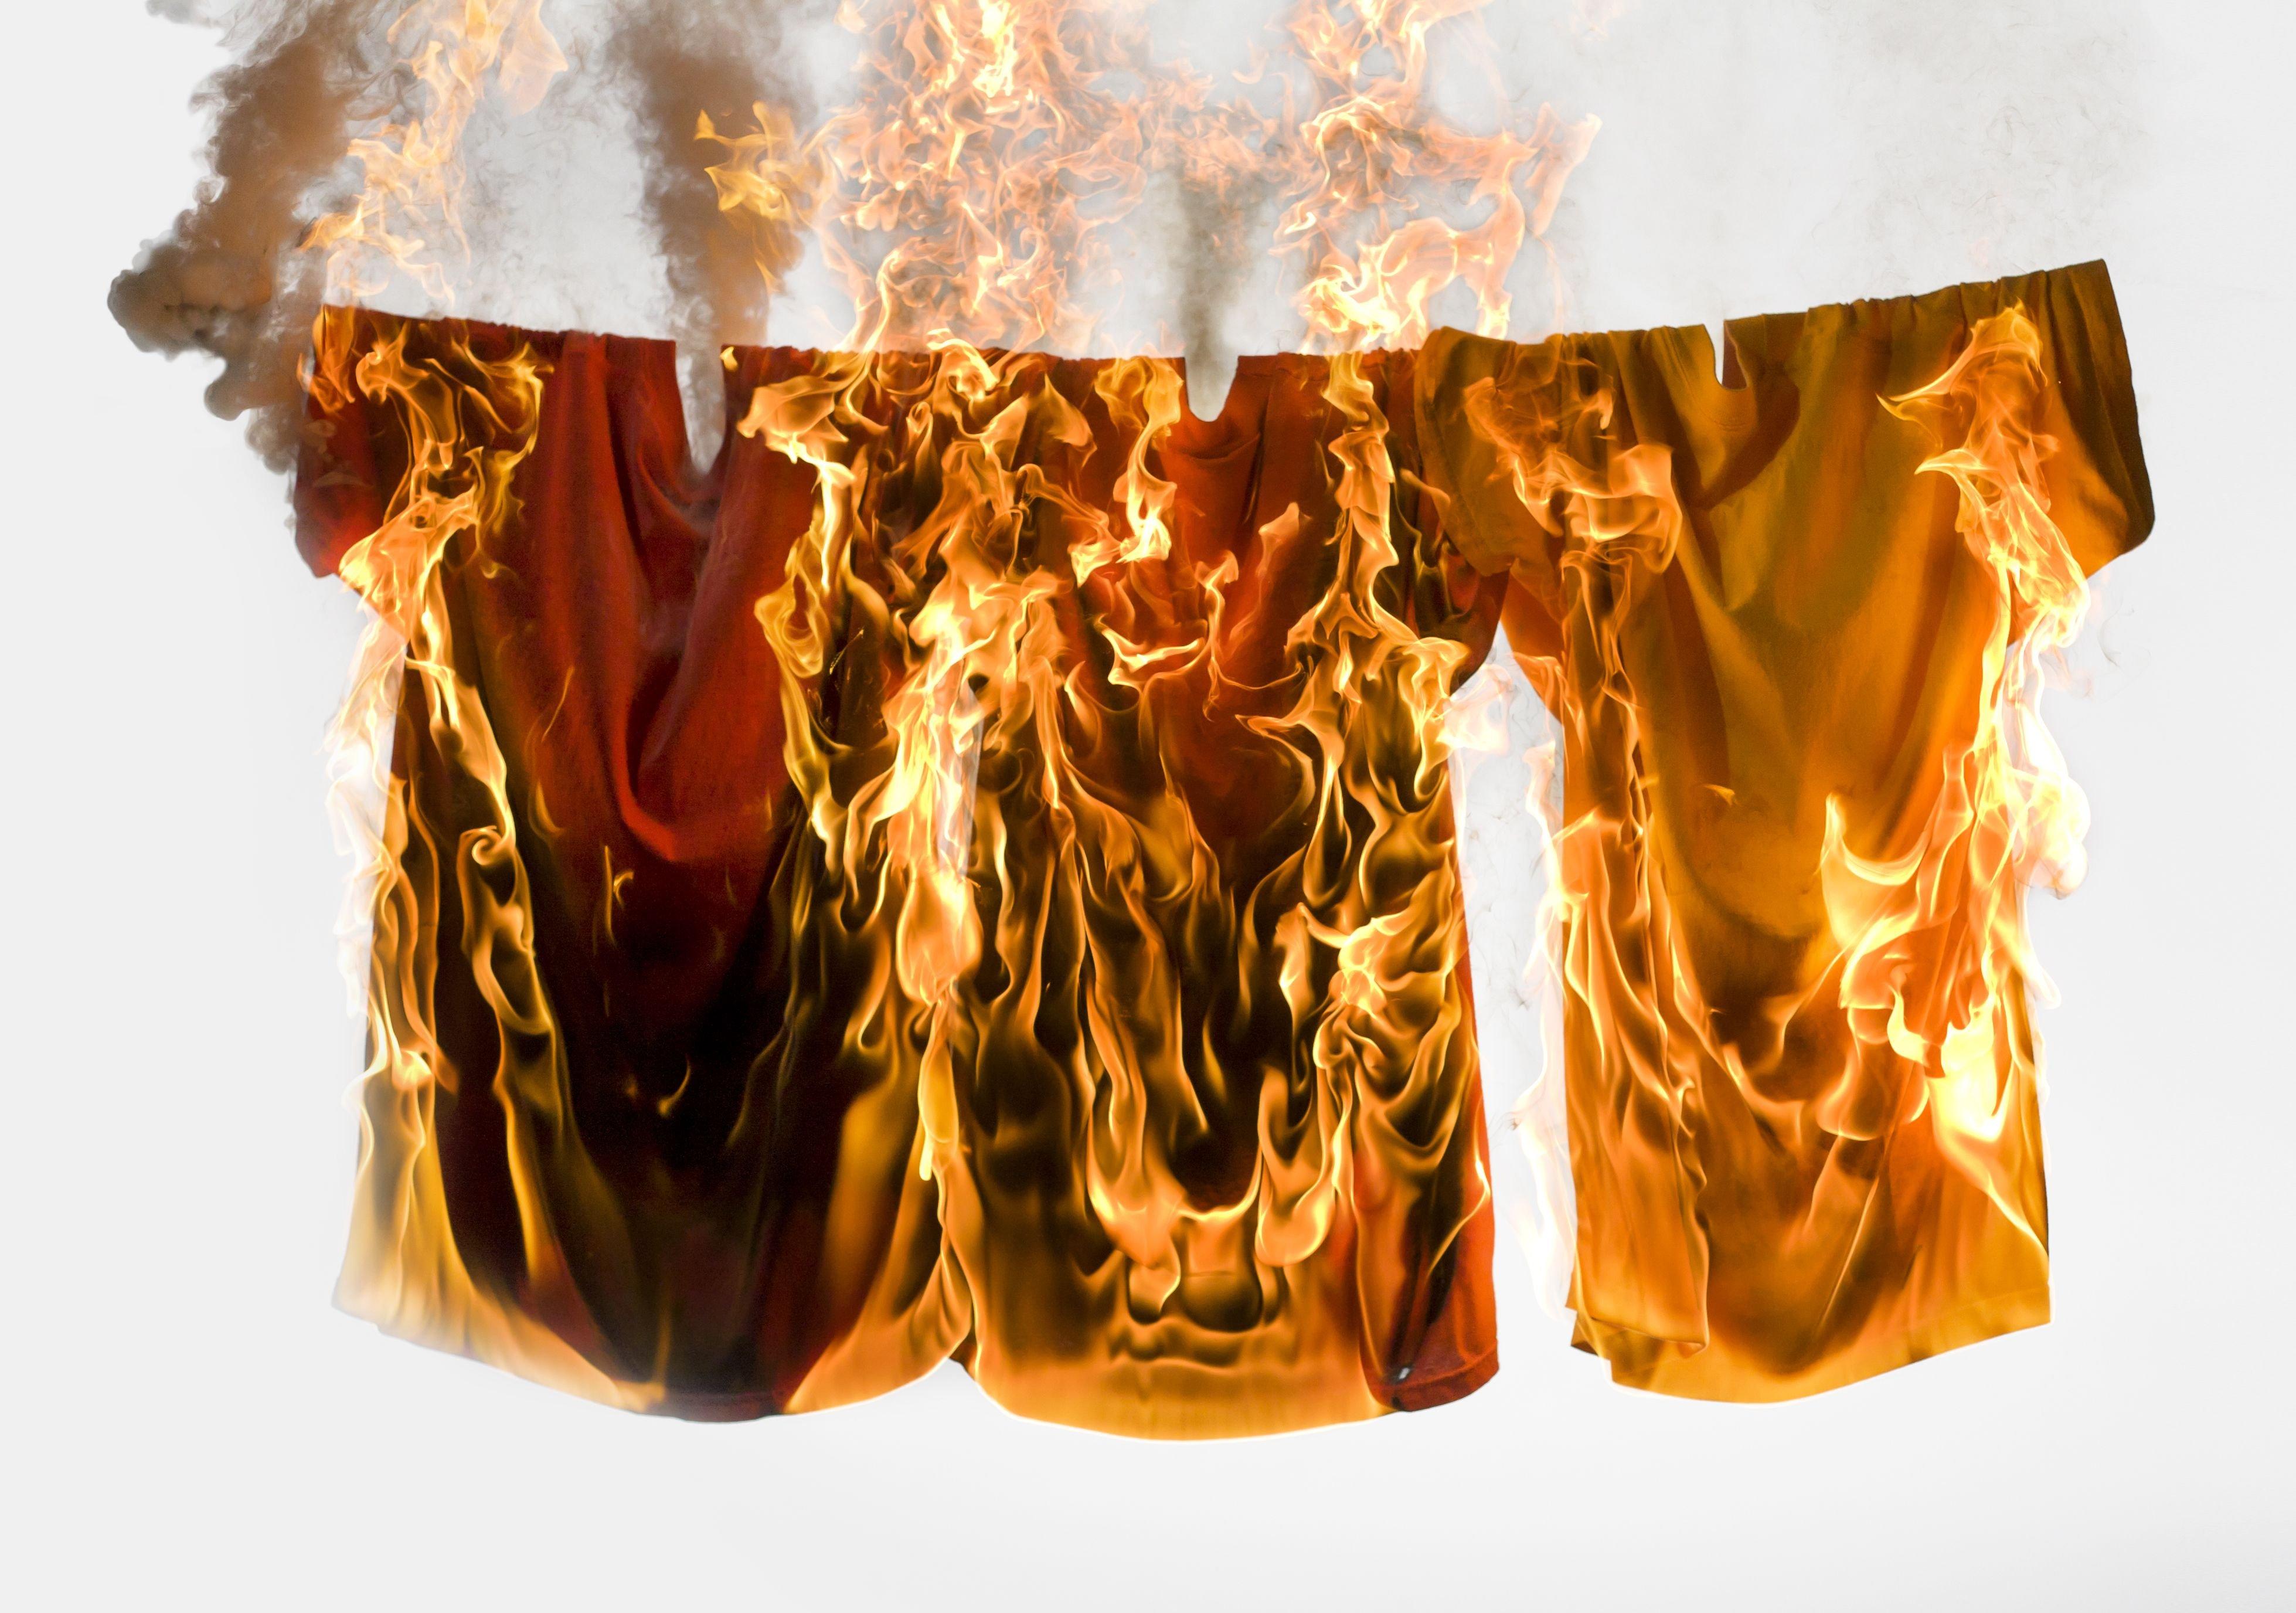 СМИ: Каждый год H&M сжигает в Швеции тонны новой одежды